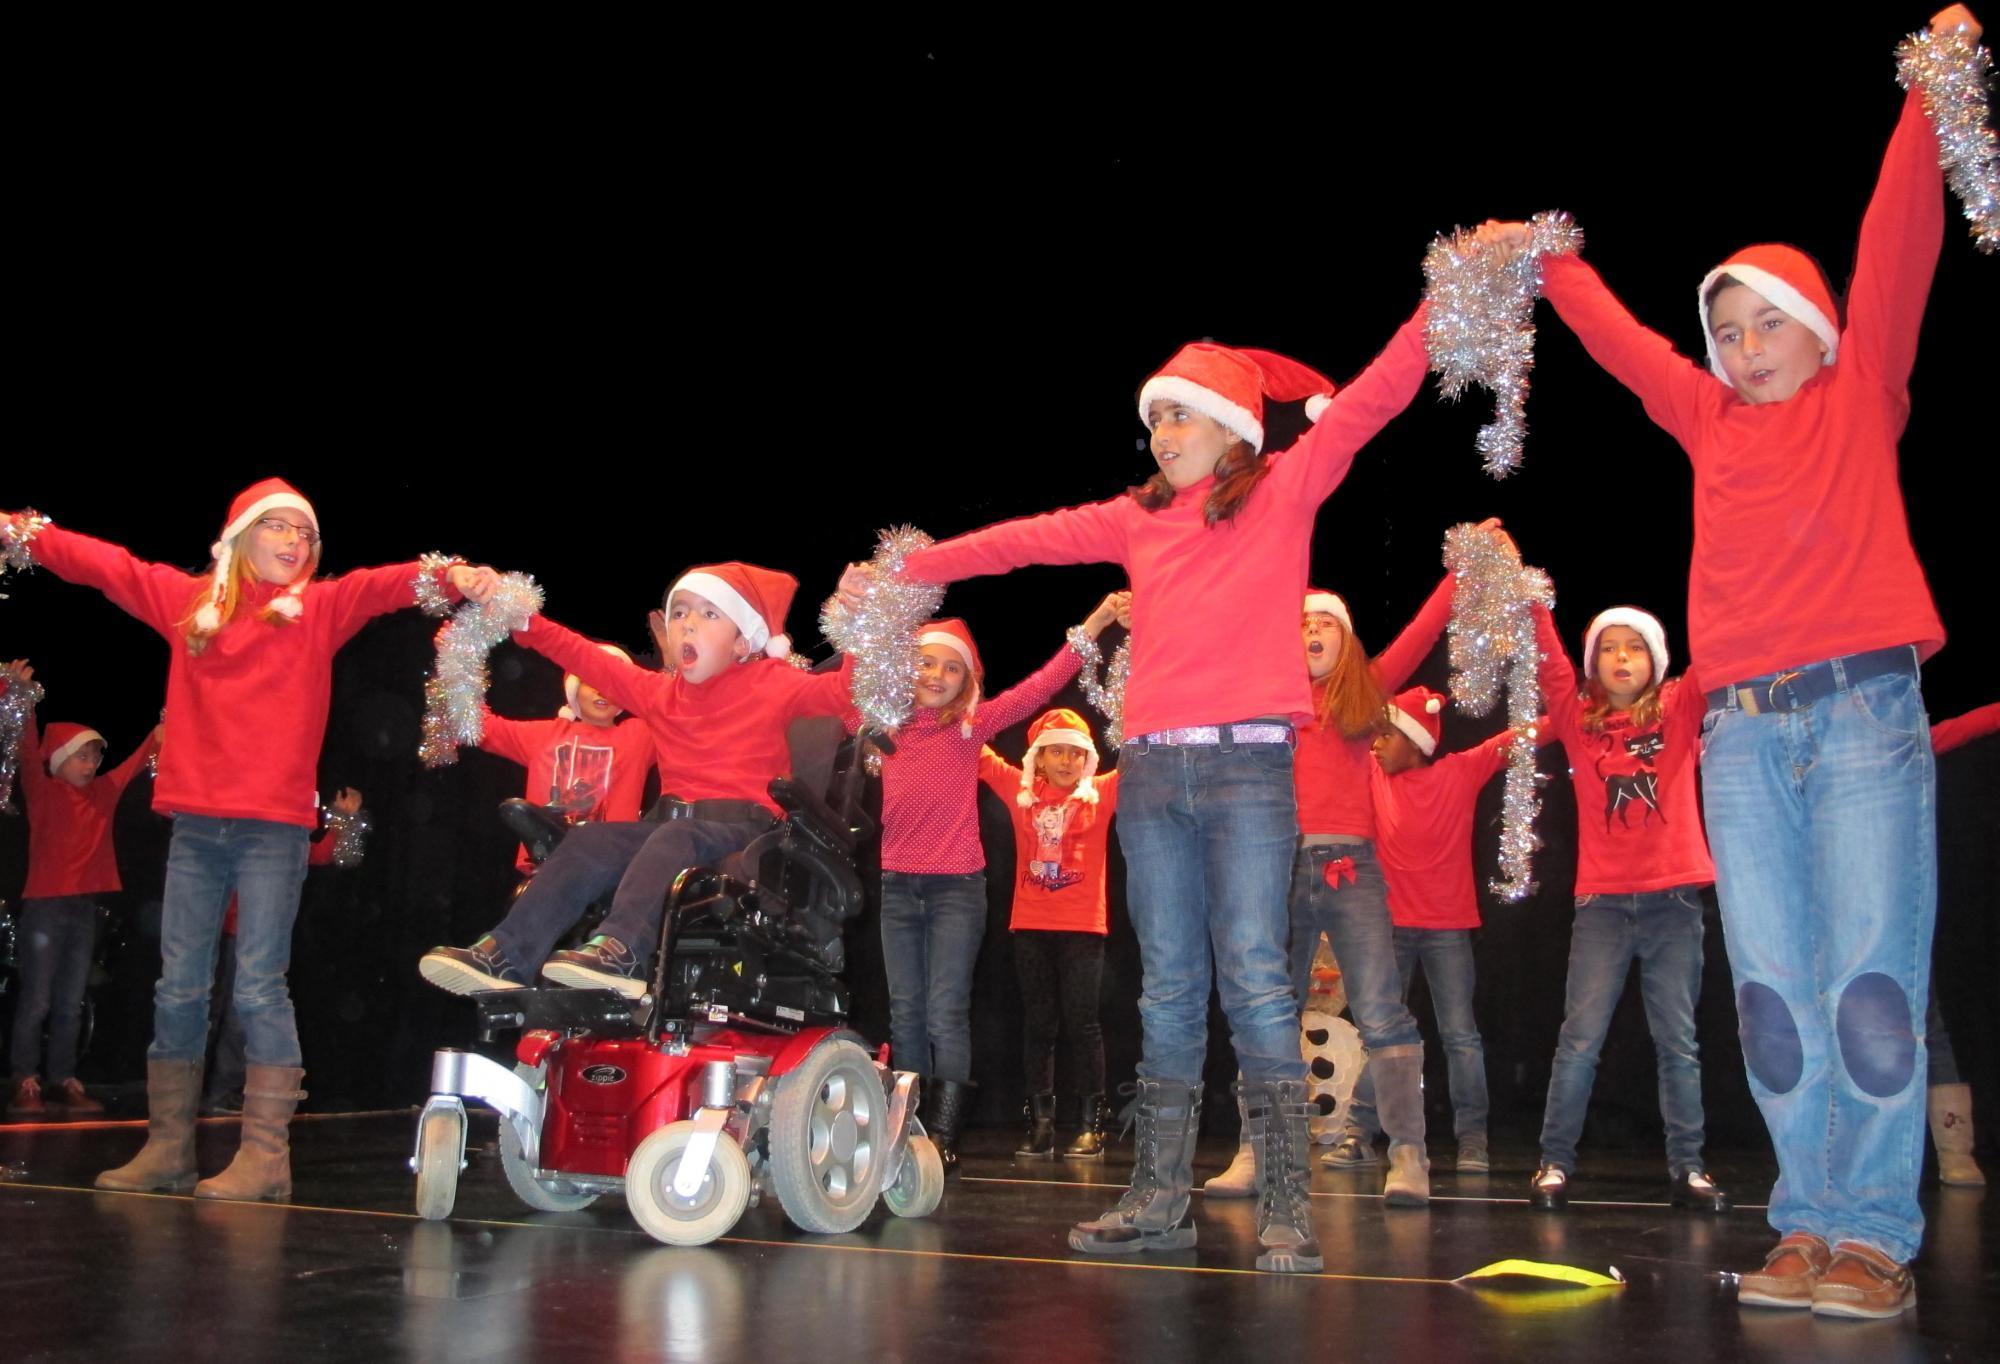 Los escolares de Cabanillas ponen música a la Navidad con villancicos tradicionales, versiones en inglés y espléndidas adaptaciones de los grandes éxitos musicales del año